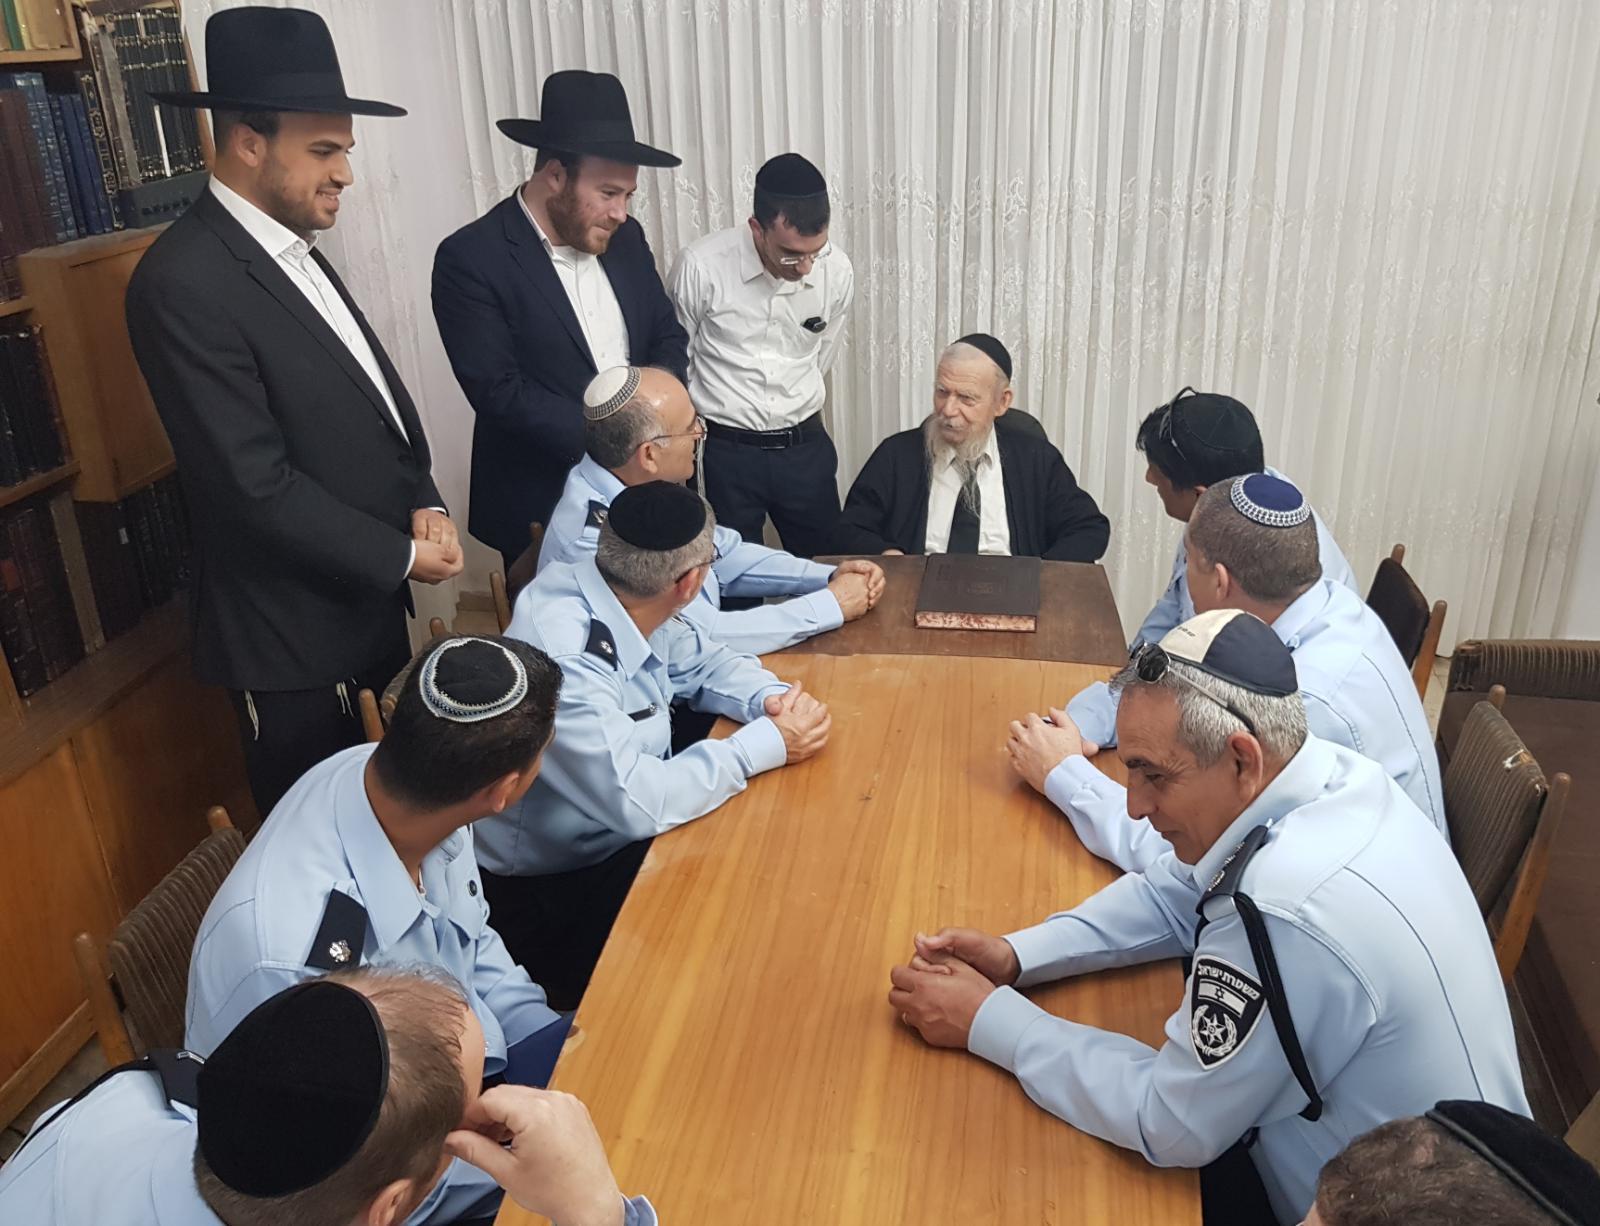 משטרה ברכה הרב אדלשטיין